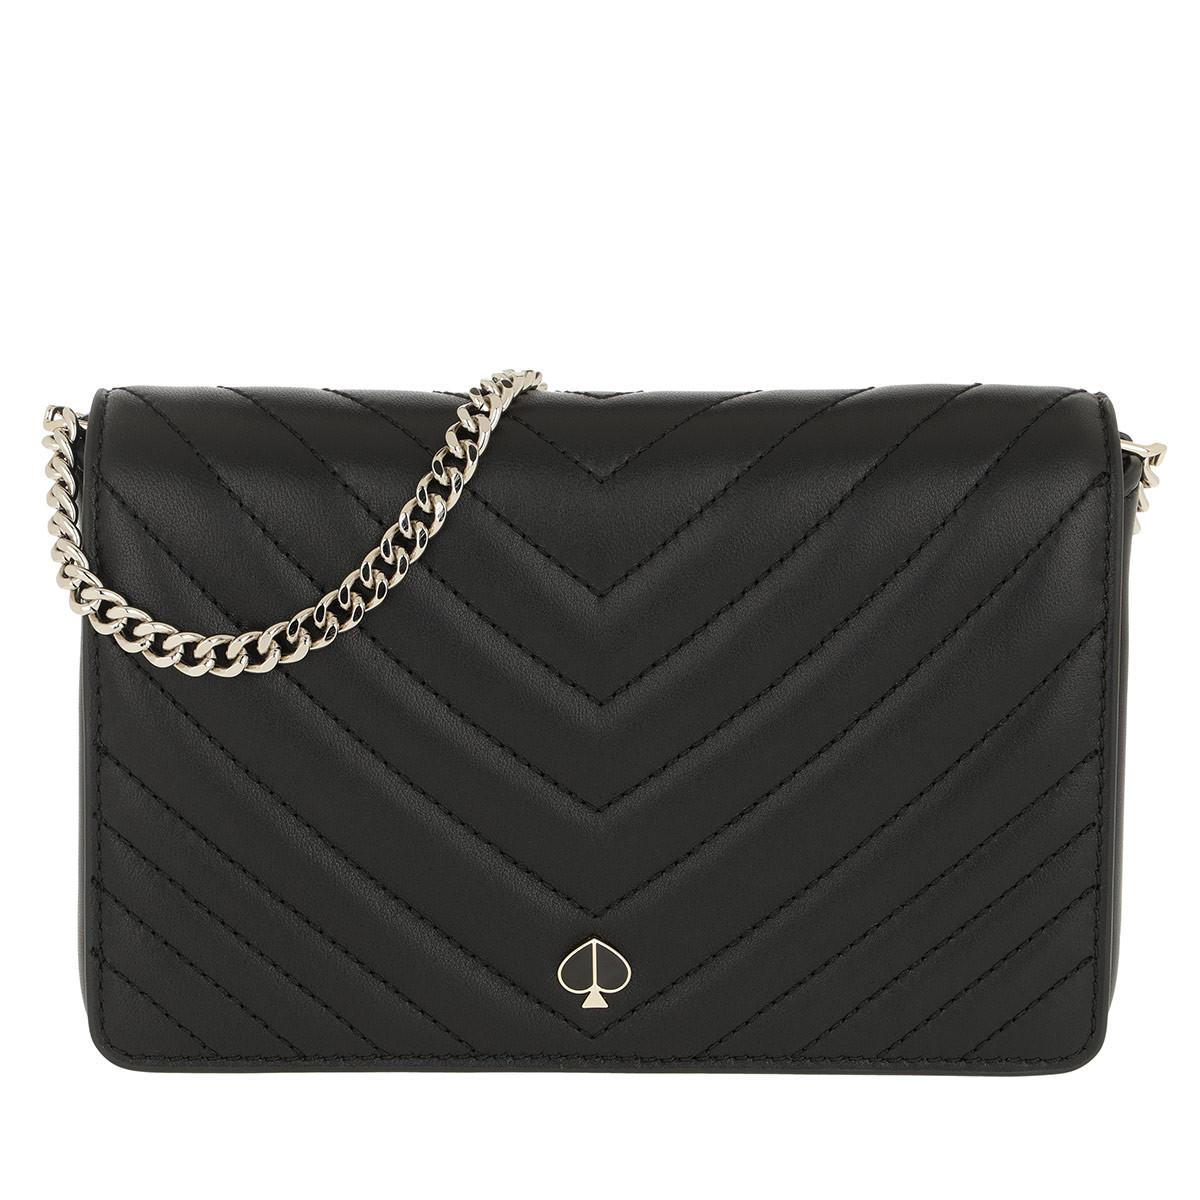 Kate Spade New York Umhängetasche - Amelia Small Wallet Black - in schwarz - für Damen